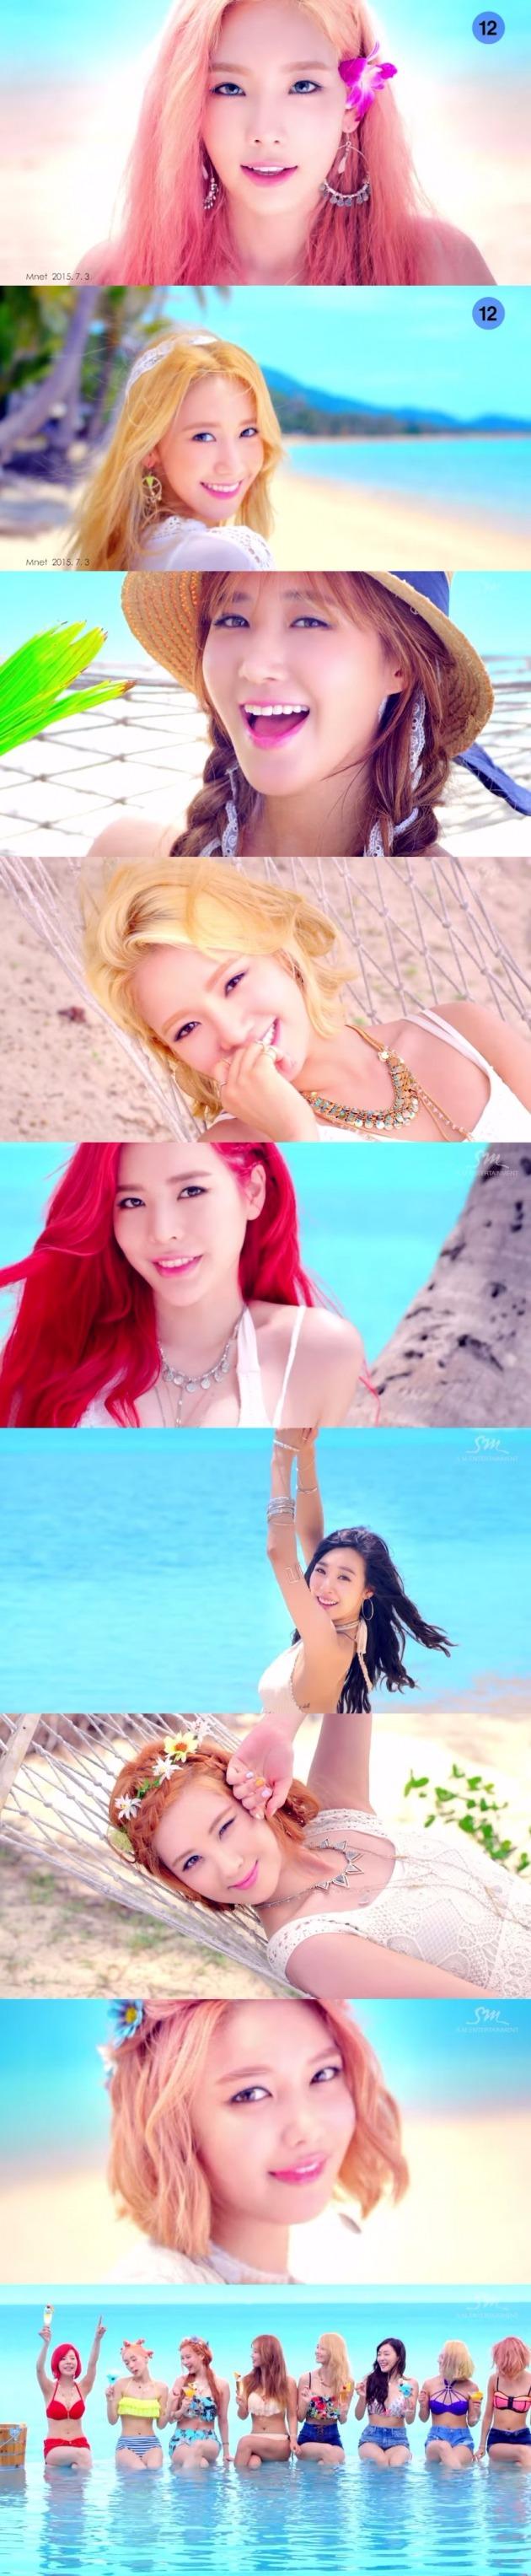 소녀시대 파티 / 소녀시대 파티 사진=소녀시대 티저 캡처